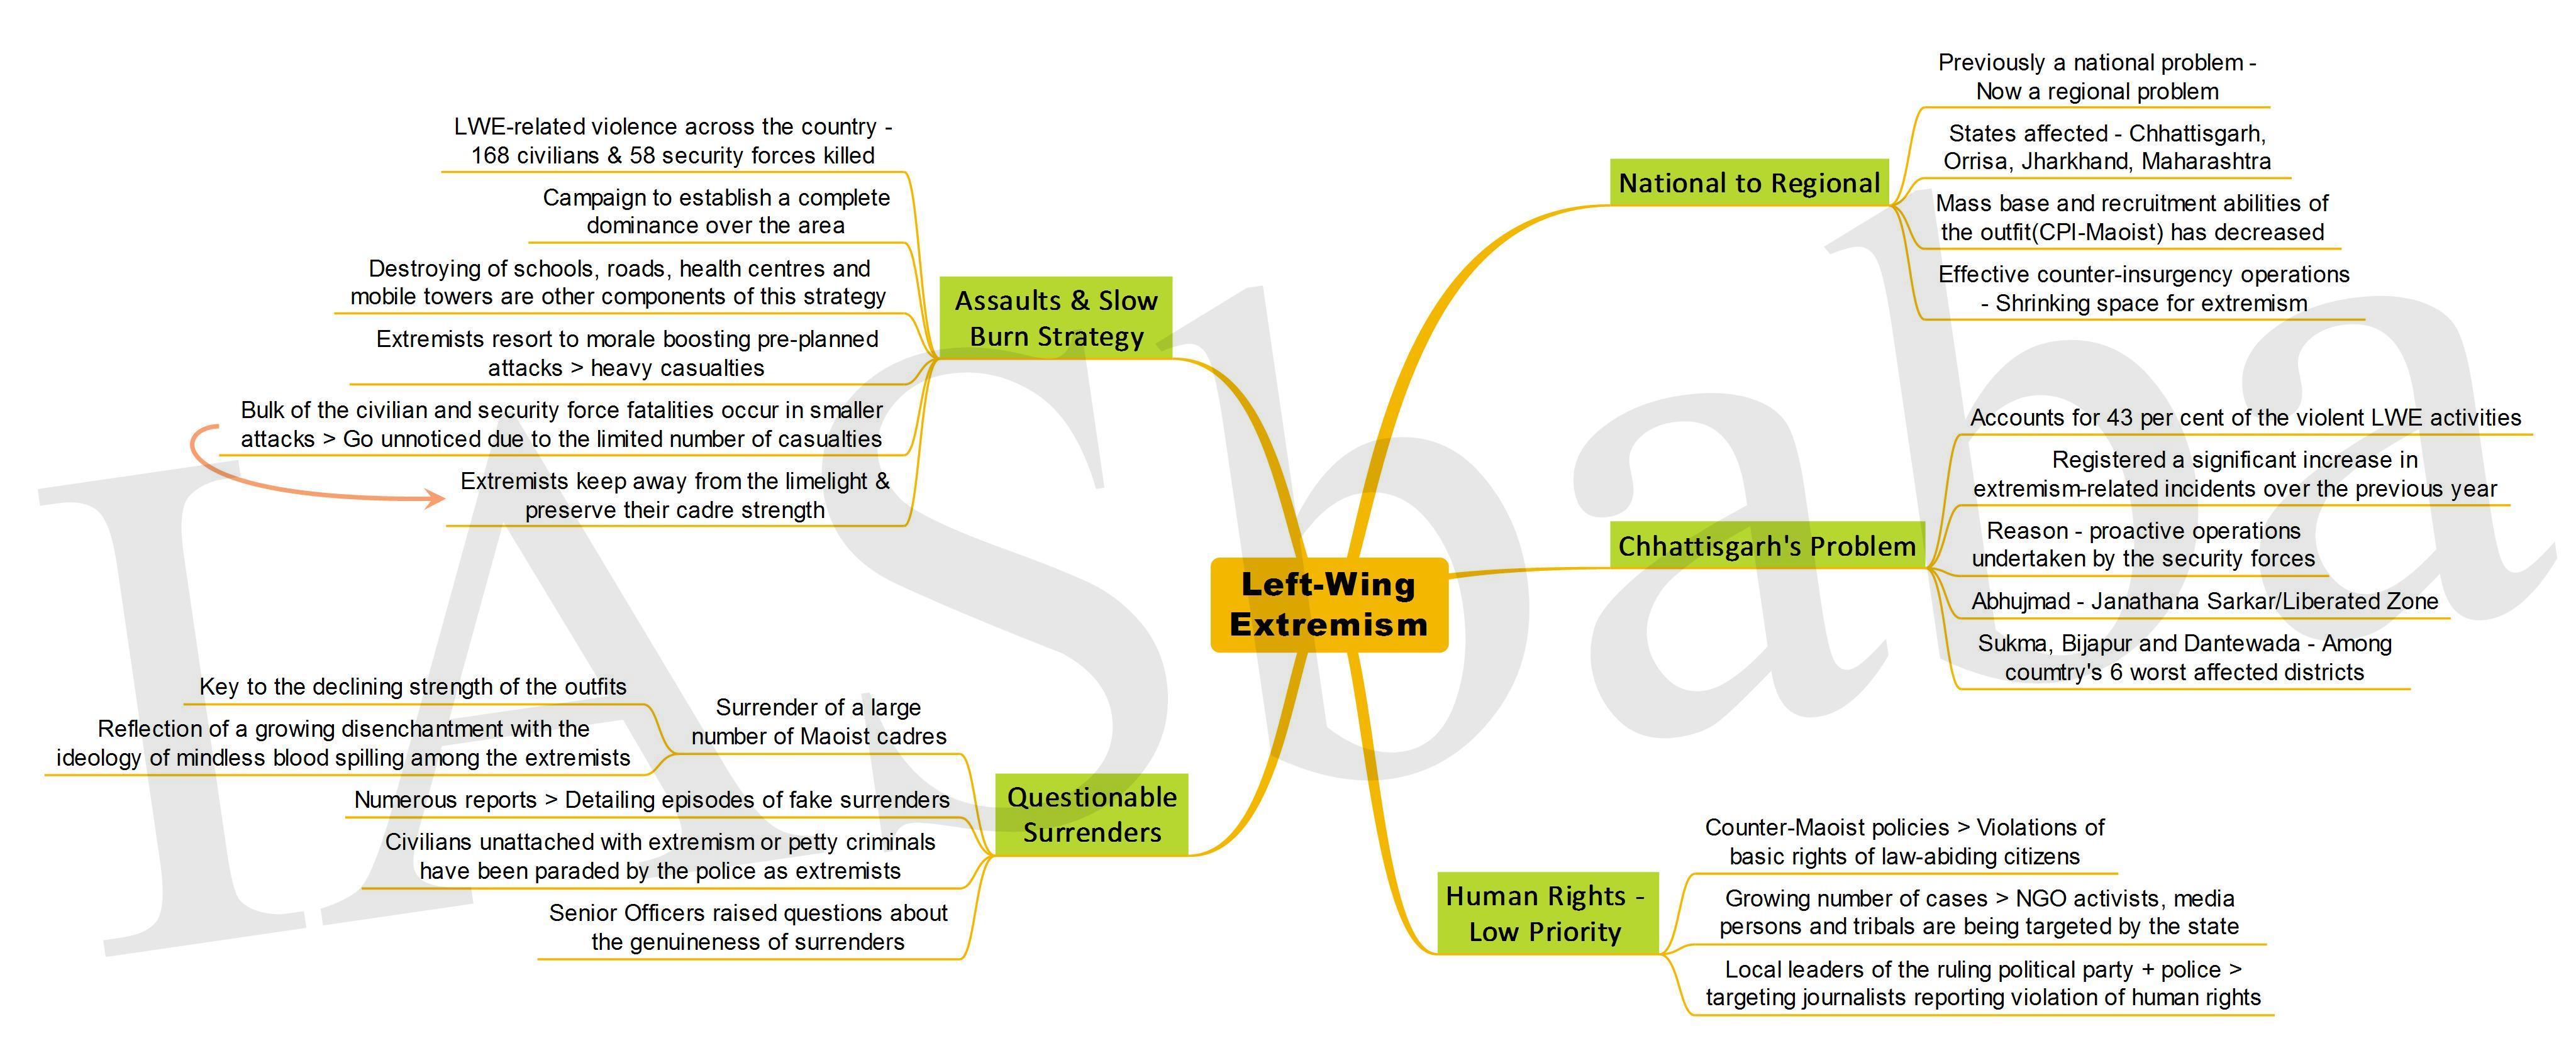 LeftWing Extremism-IASbaba